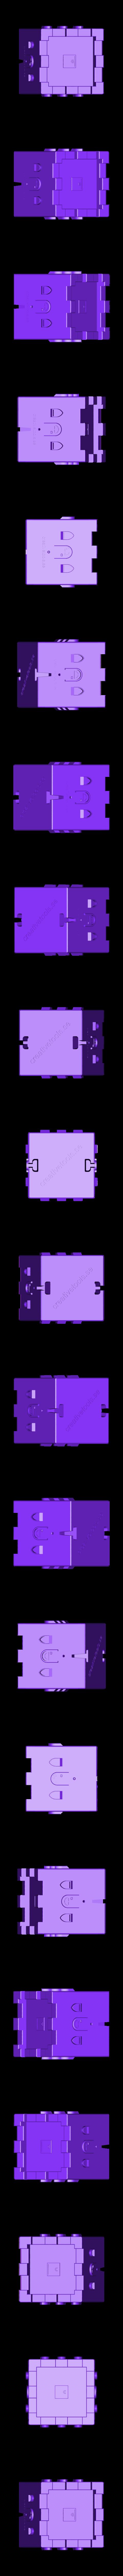 Tower_Straight_Closed_(Modular Castle Playset - 3D-printable)_By_CreativeTools.se.stl Télécharger fichier STL gratuit Plateau modulaire de château (imprimable en 3D) • Modèle à imprimer en 3D, CreativeTools